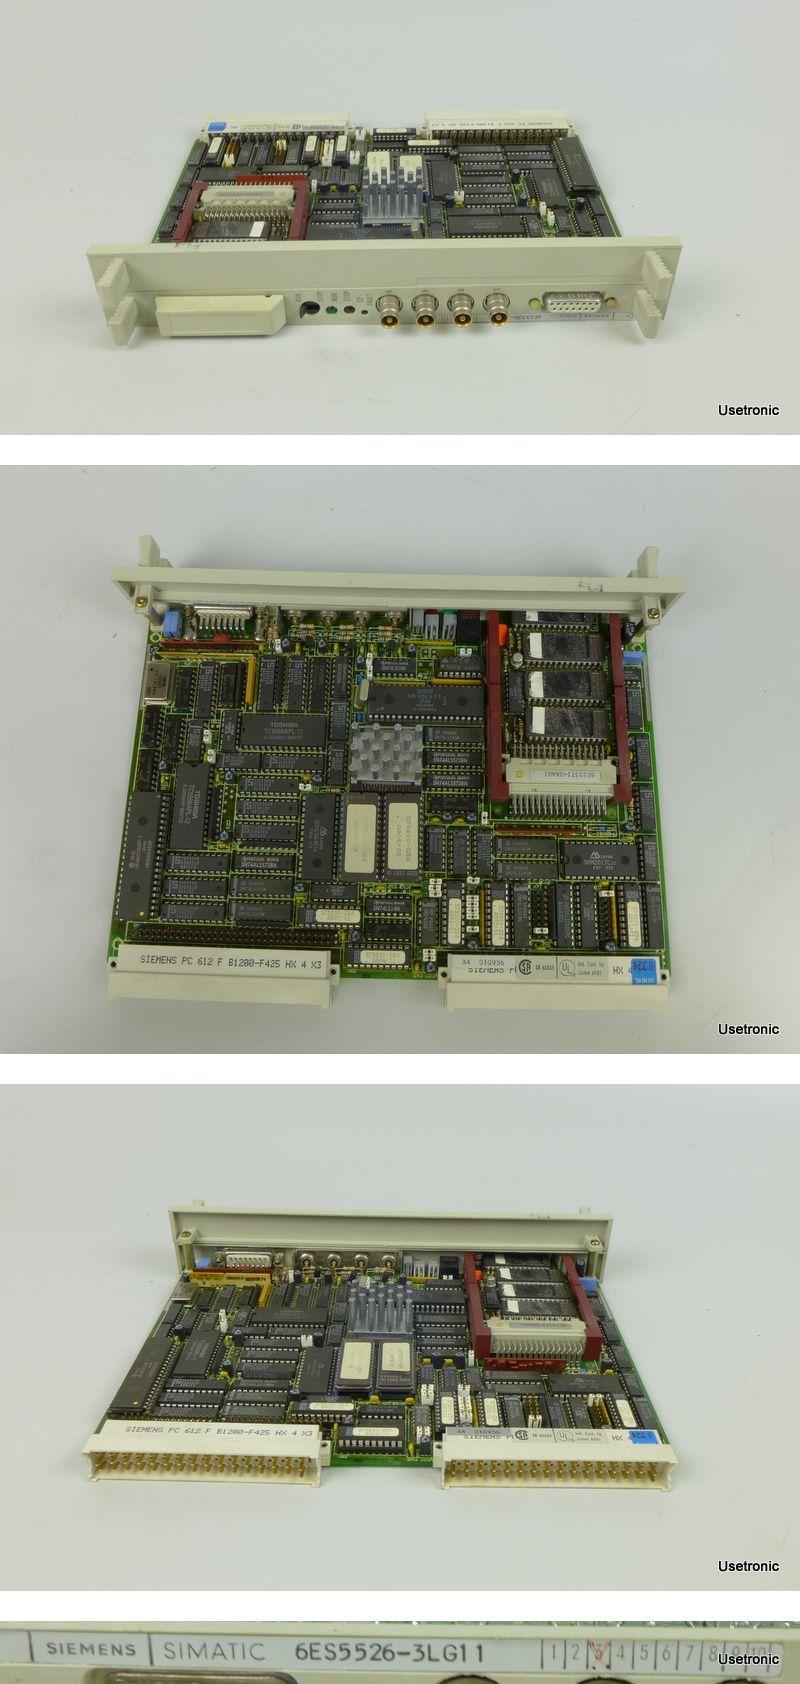 Siemens 6ES5526-3LG11